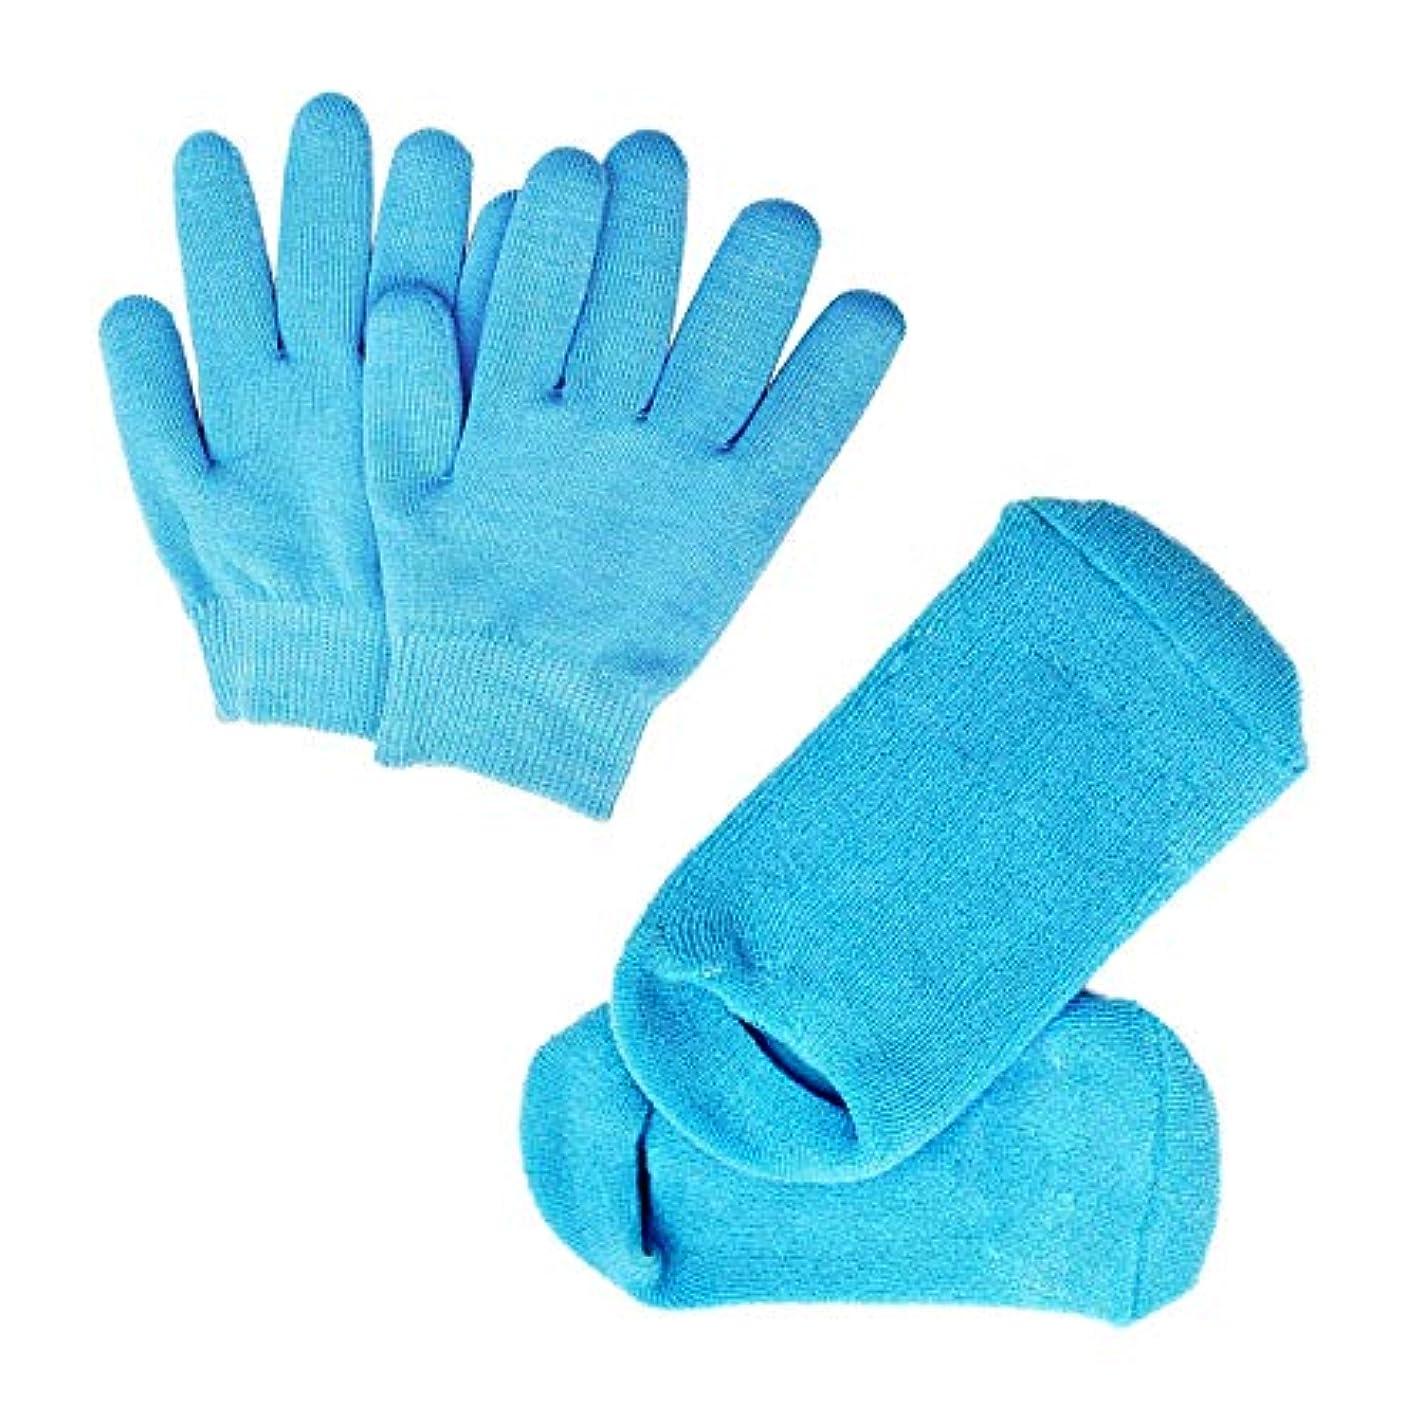 辞任下着地球Pinkiou 眠る森のSPAジェルグローブ/SPAジェルソックス ハンドケアグローブ/フットケアソックス 角質取り 保湿 かかとケア オープントゥ 素肌美人 靴下と手袋 一セット スバ いいお肌になりましょう(ブルー)